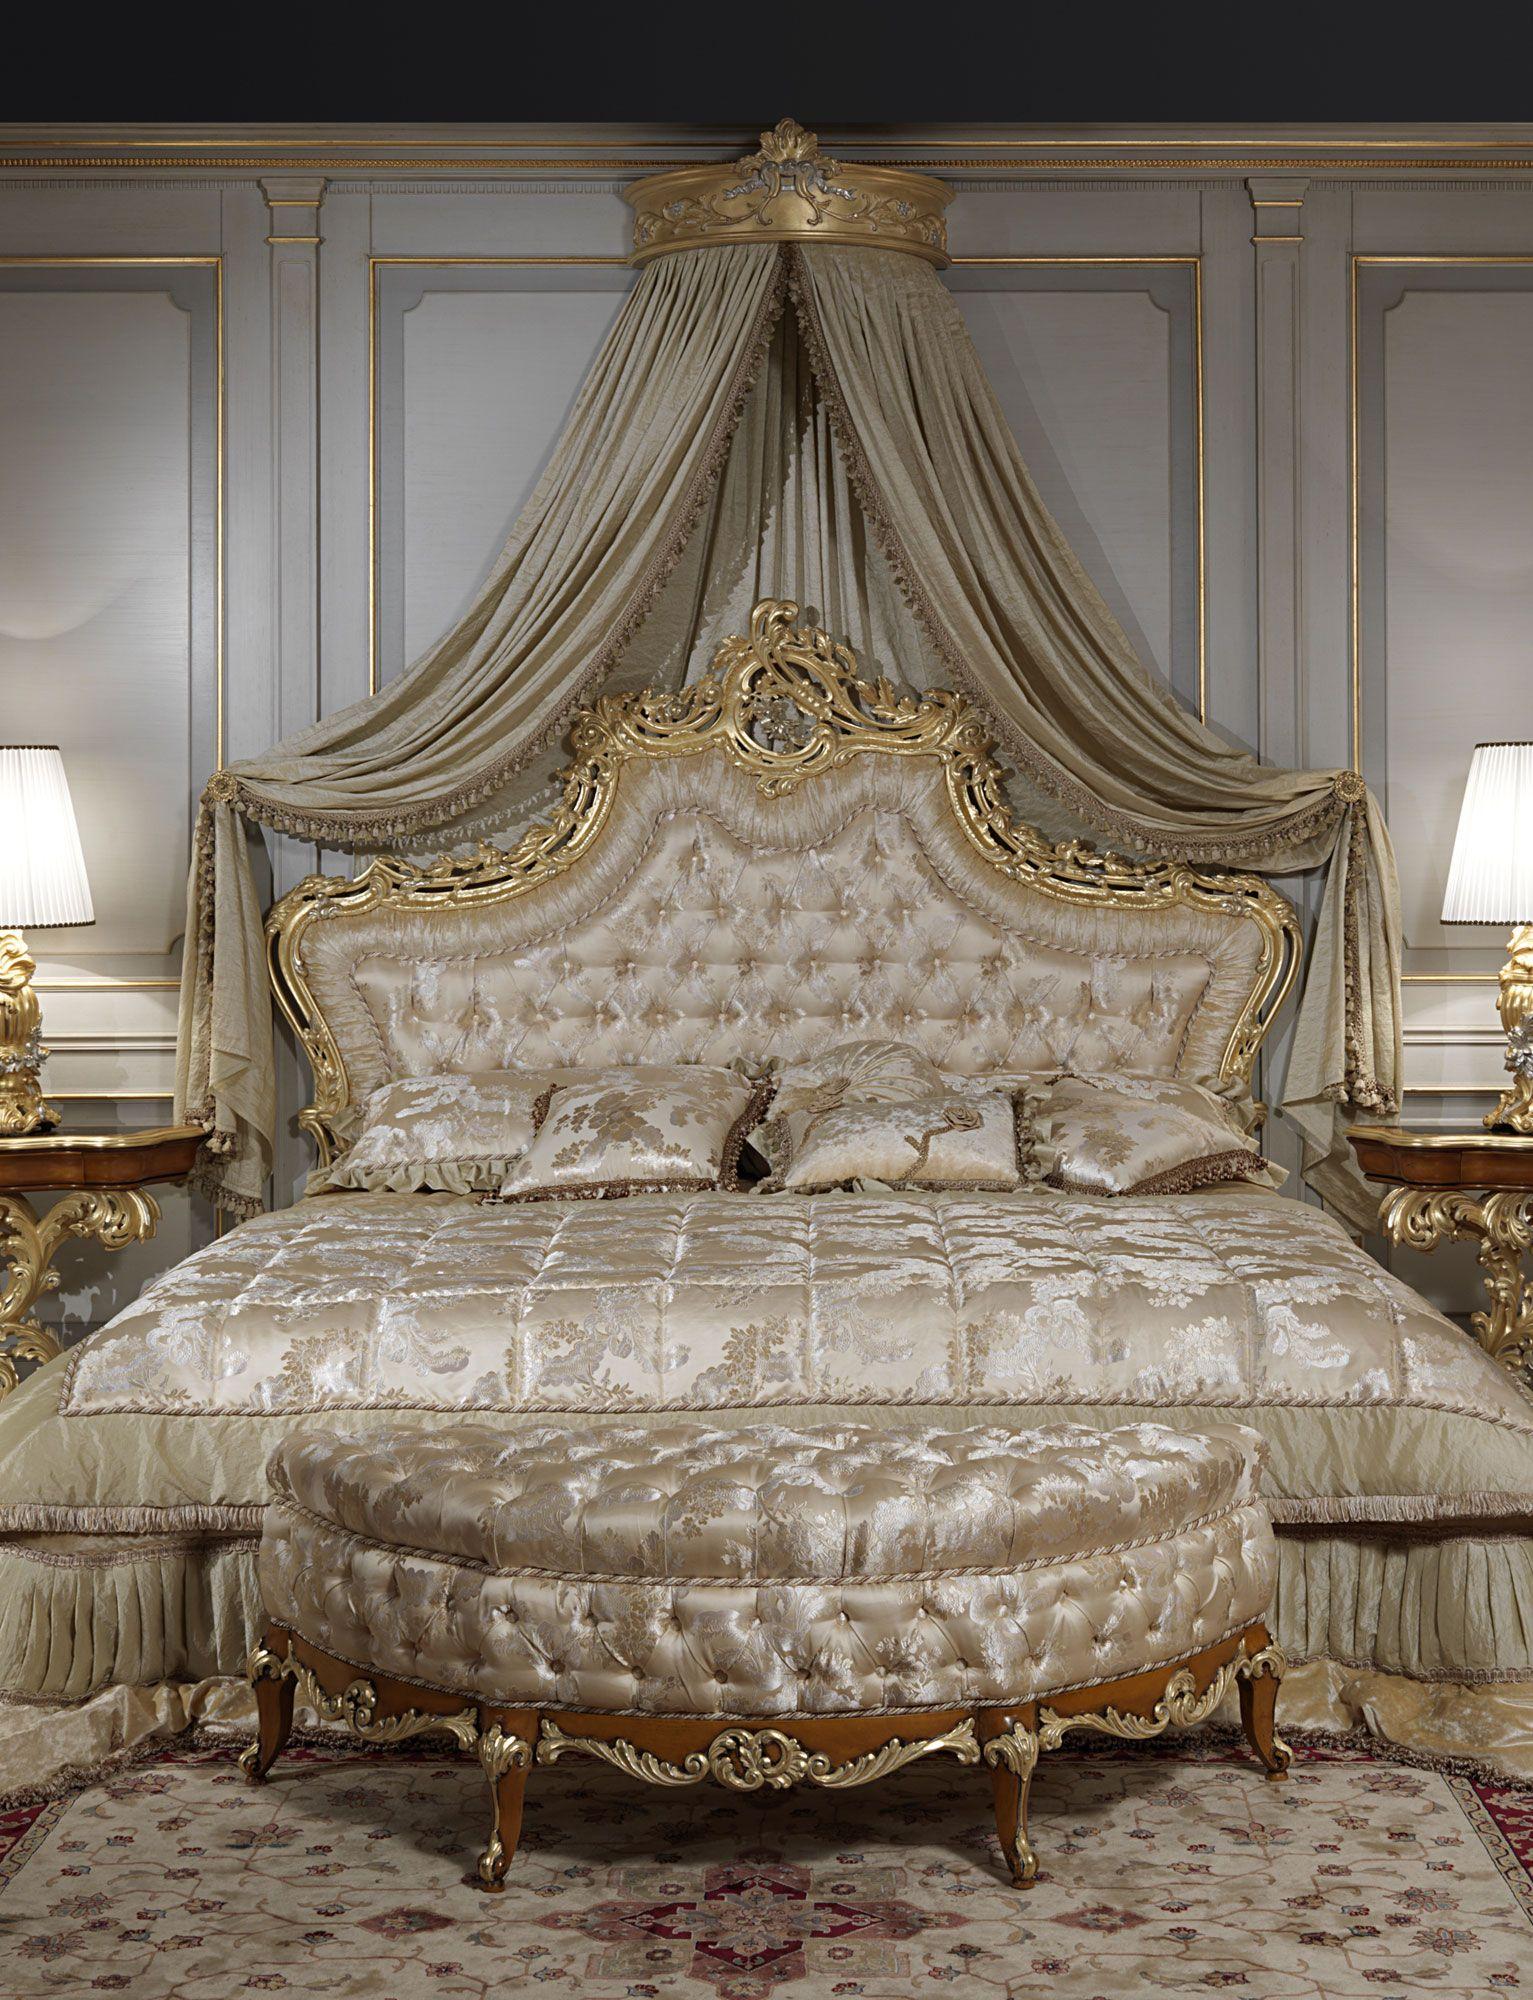 Luxury Classic Bedroom Roman Baroque Style Roskoshnye Postelnye Prinadlezhnosti Dizajn Komnaty Otdyha Roskoshnye Spalni